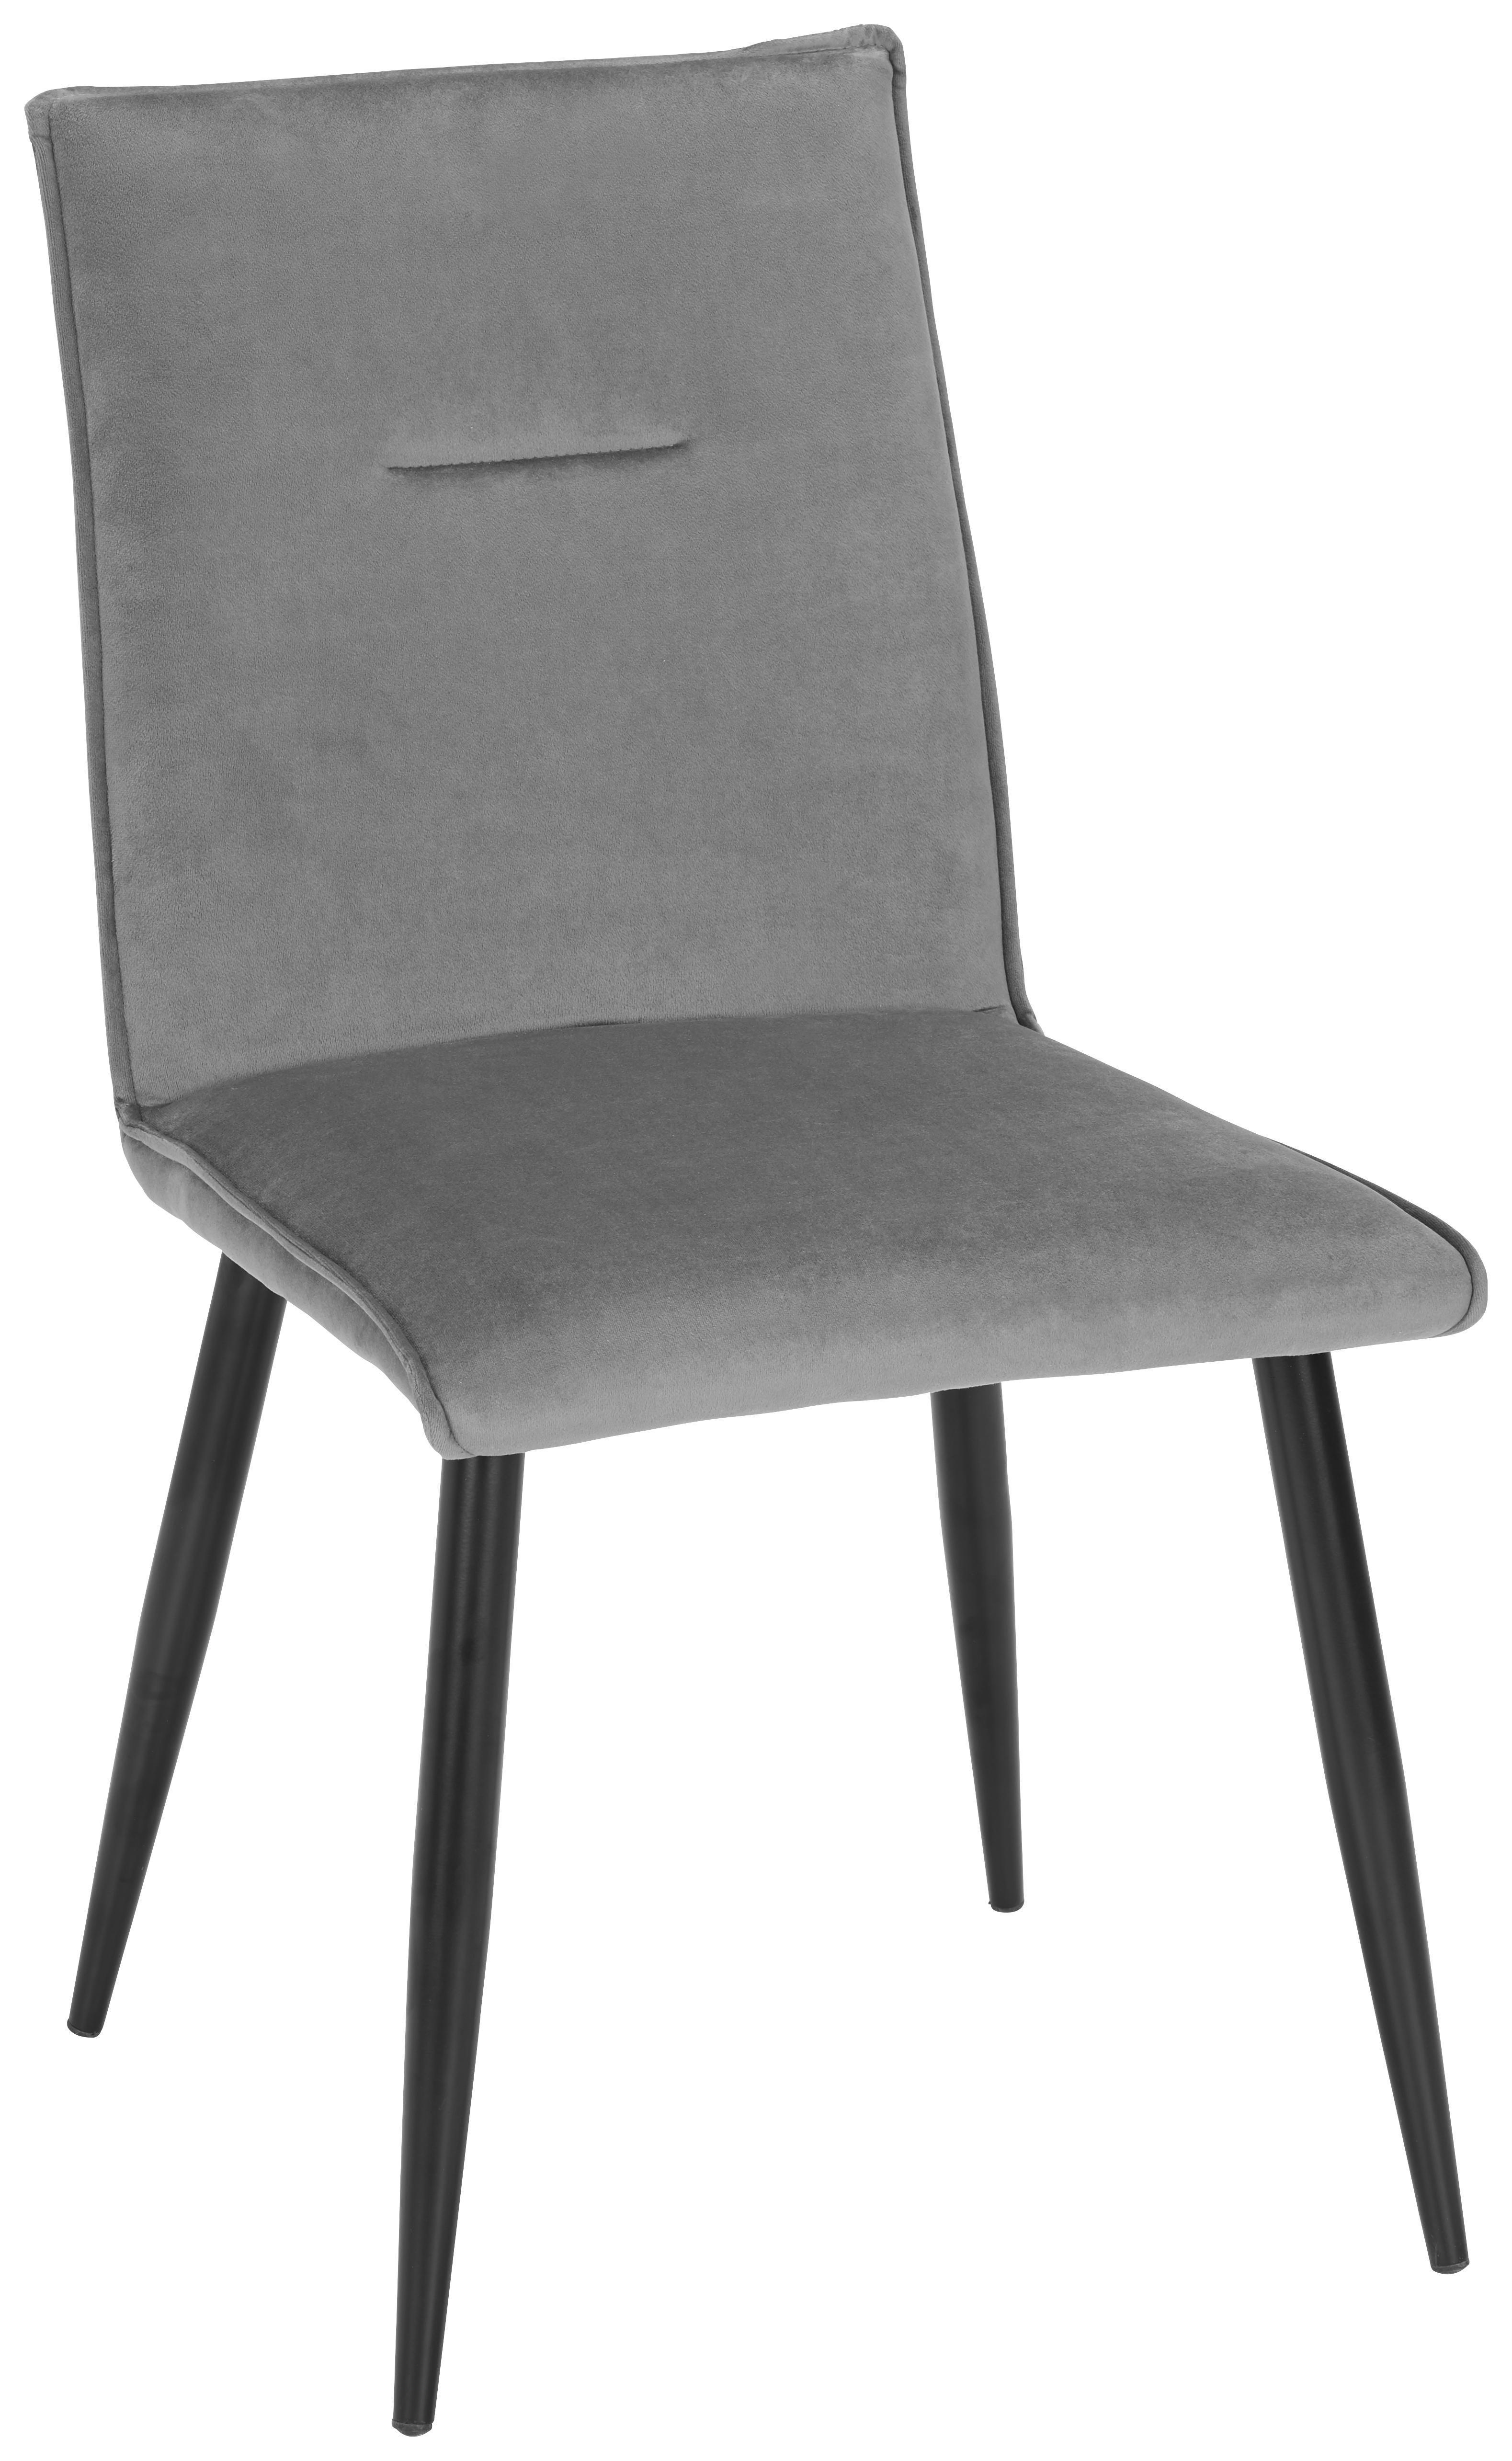 Stuhl In Grau Online Bestellen